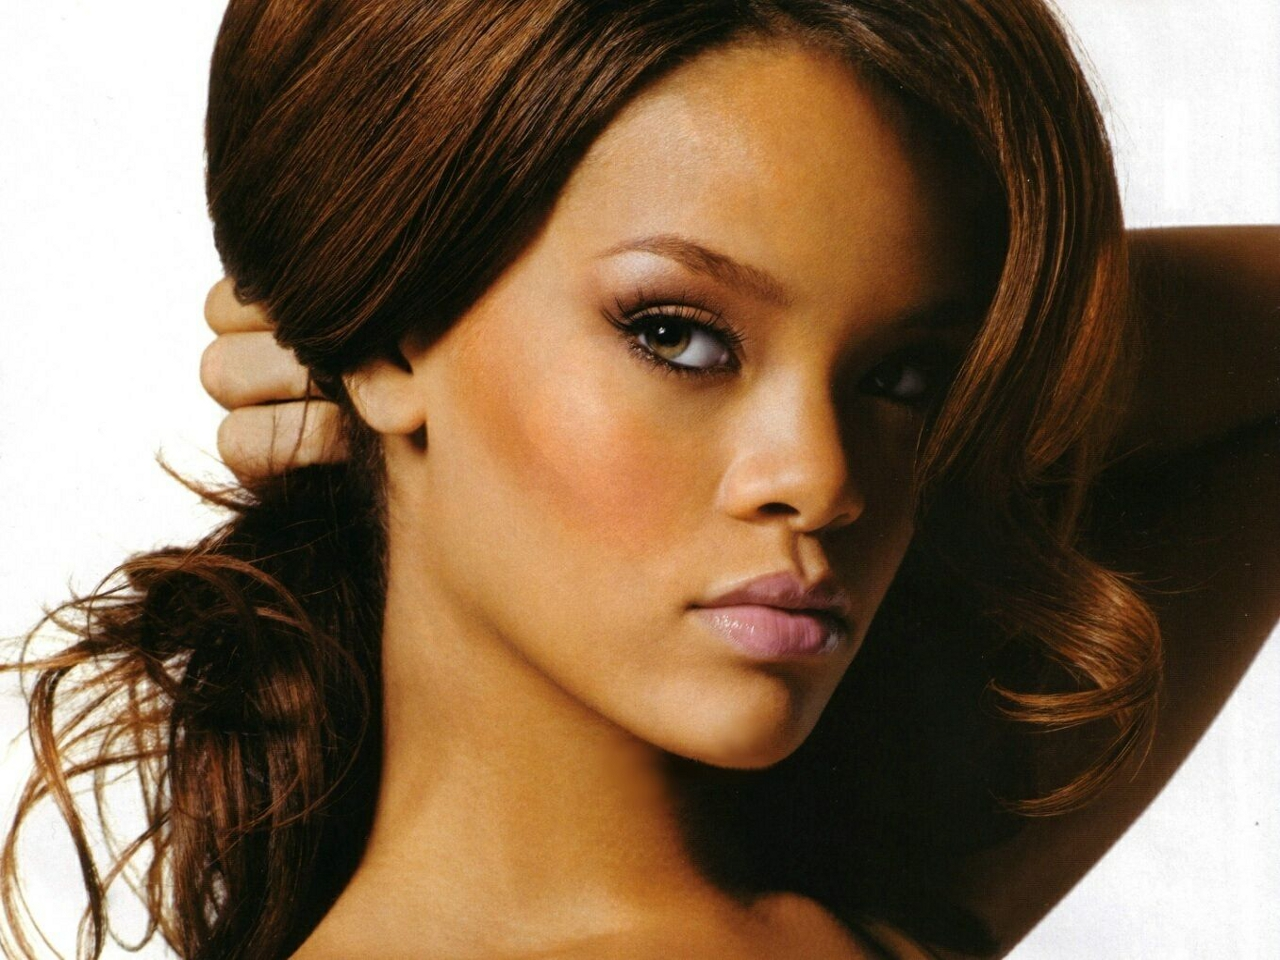 Rihanna rihanna tender... Rihanna